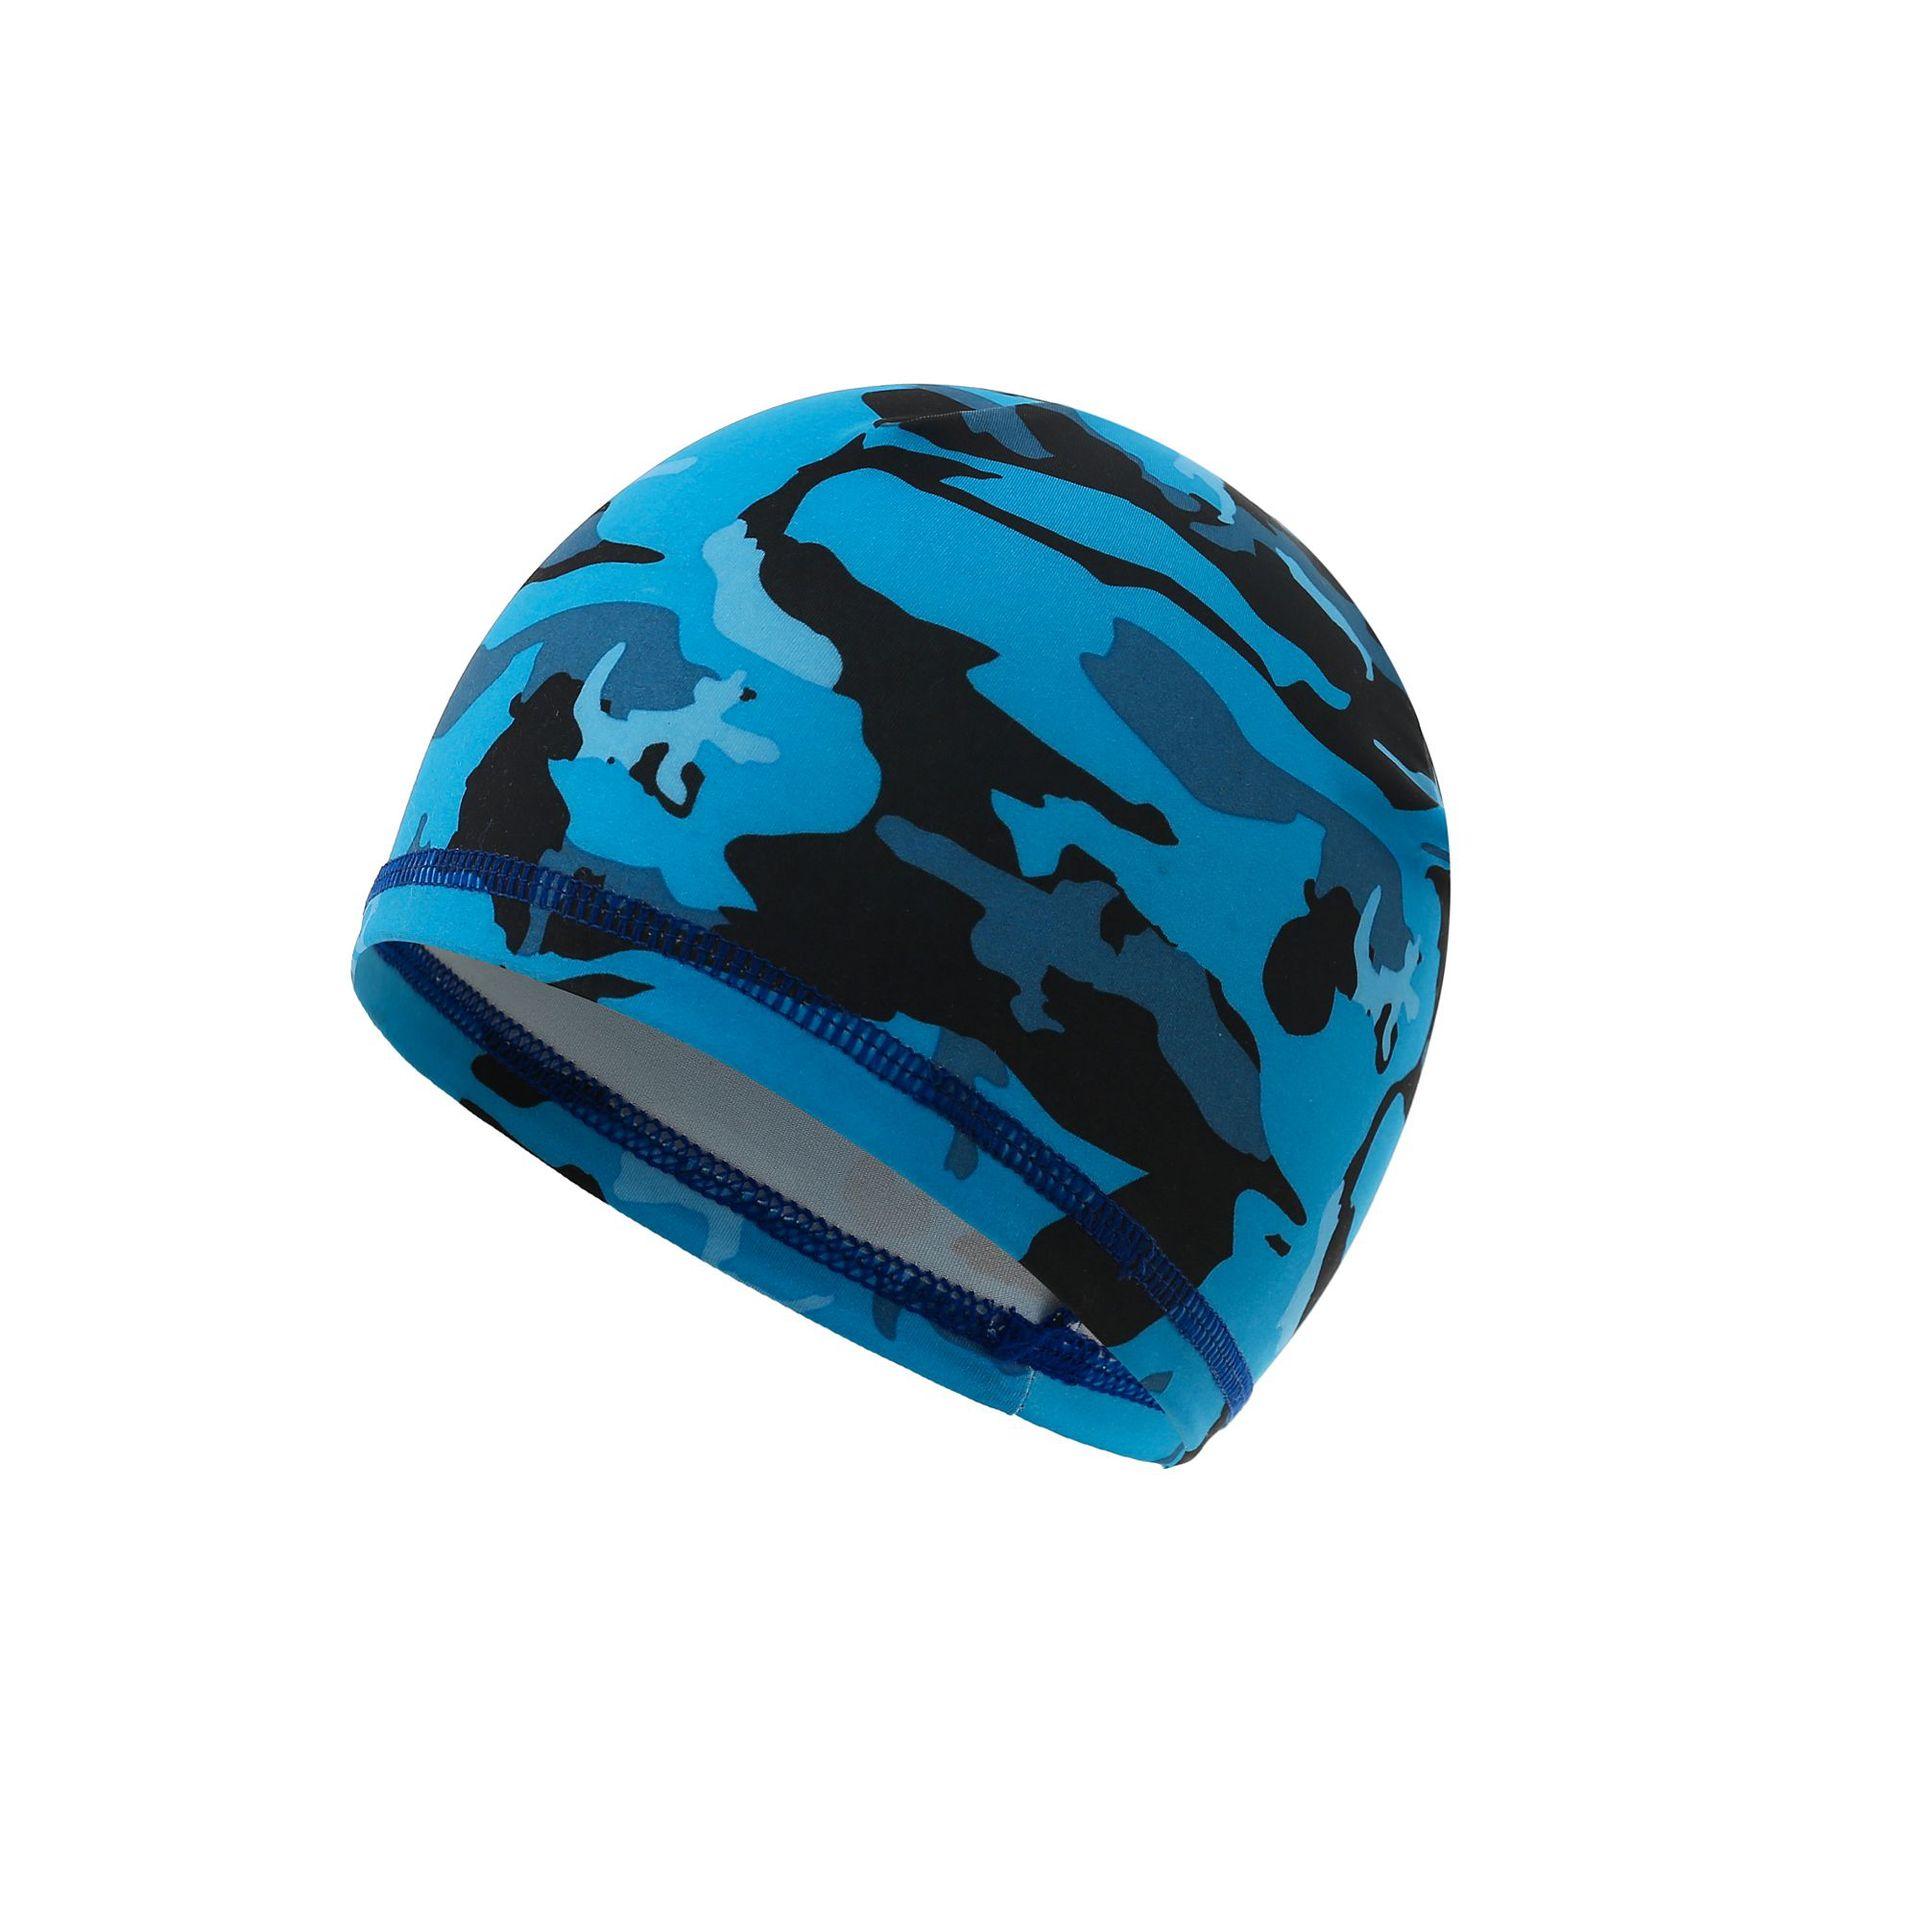 タオバオ仕入れ代行-ibuy99 机车帽 夏季速干防风防晒骑行小帽自行车包耳内胆帽机车冰丝内衬遮阳软帽